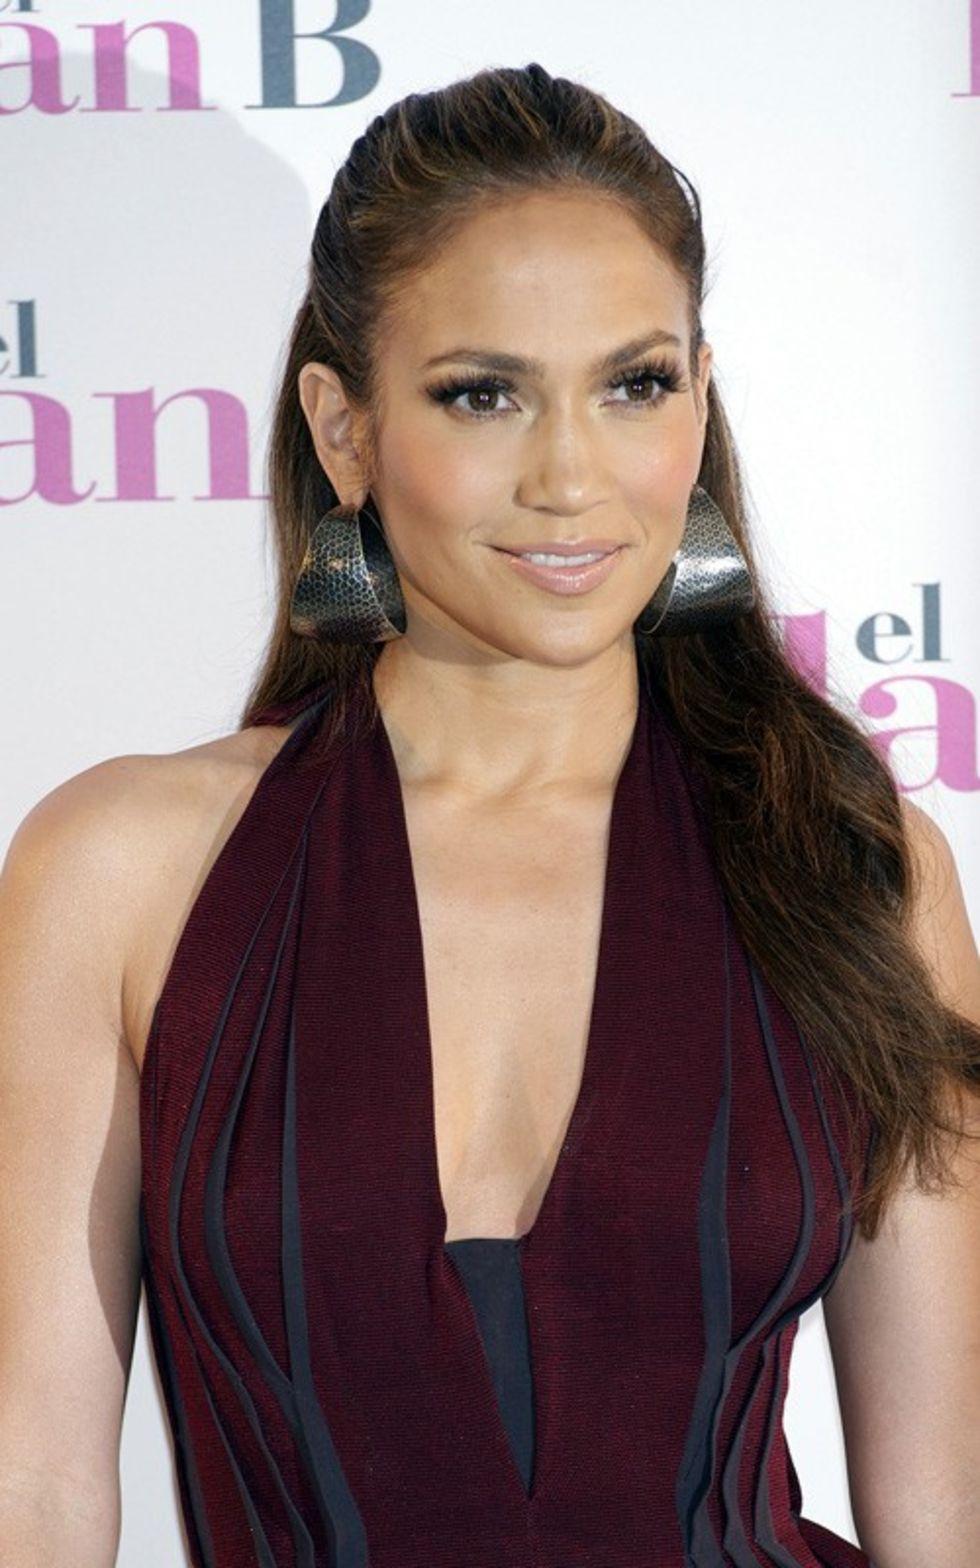 Jennifer Lopez 2010 : jennifer-lopez-candids-in-spain-09